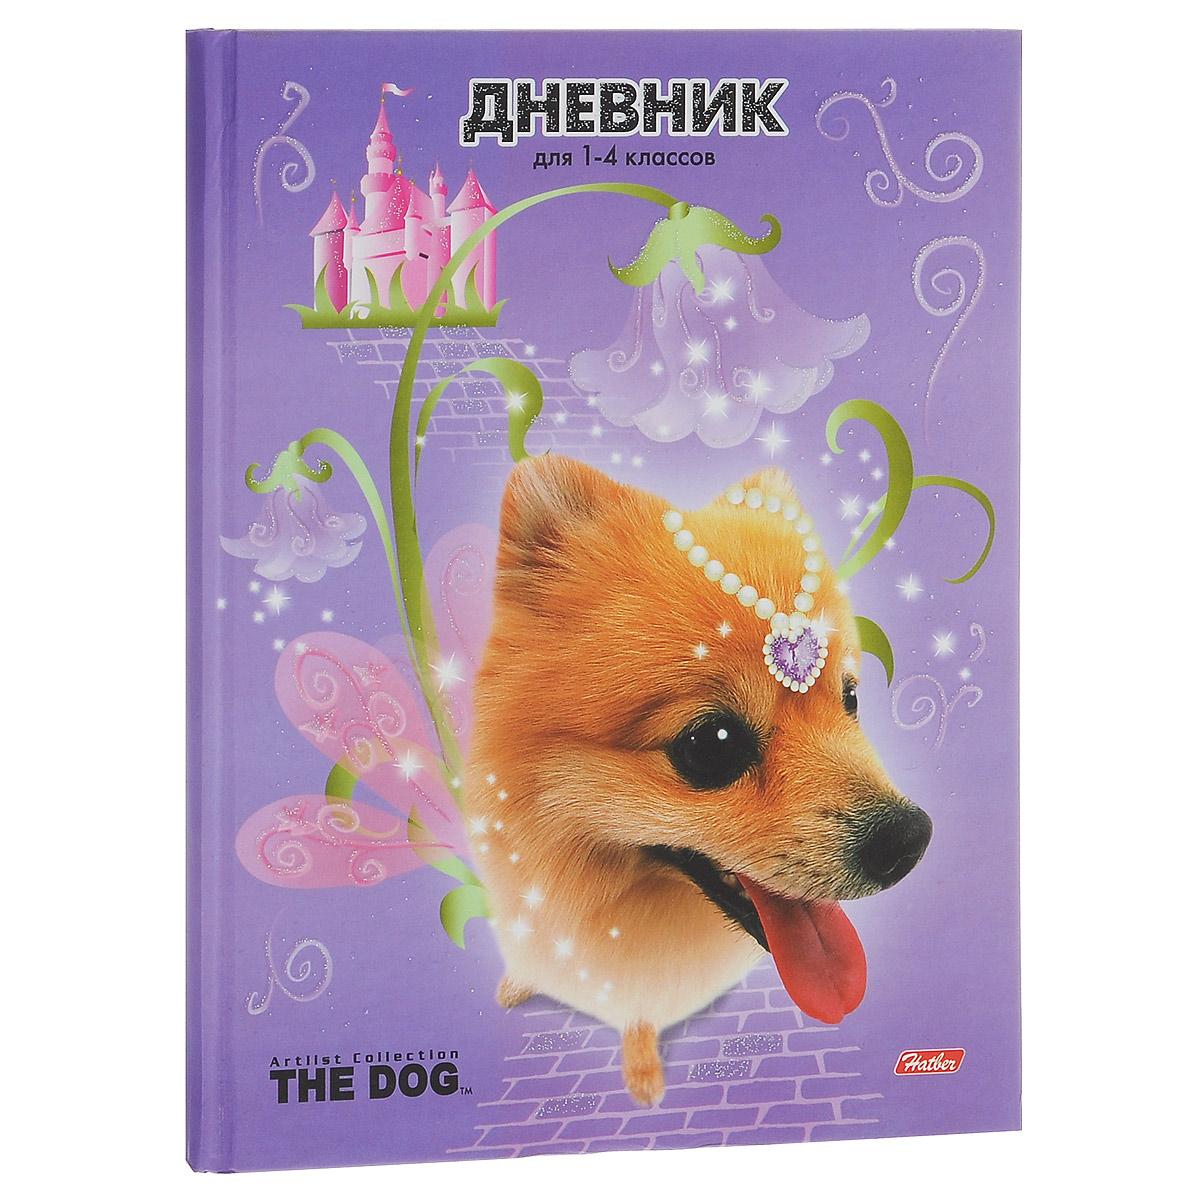 Дневник школьный Hatber The Dog1300-64Школьный дневник Hatber The Dog - первый ежедневник вашего ребенка. Он поможет ему не забыть свои задания, а вы всегда сможете проконтролировать его успеваемость. Дневник предназначен для учеников 1-4 классов. Обложка дневника выполнена из плотного глянцевого картона и оформлена изображением забавного щенка. Внутренний блок изготовлен из высококачественной бумаги и состоит из 48 листов. В структуру дневника входят все необходимые разделы: информация о личных данных ученика, школе и педагогах, друзьях и одноклассниках, расписание факультативов и уроков по четвертям, сведения об успеваемости с рекомендациями педагогического коллектива. Дневник также содержит номера телефонов экстренной помощи и даты государственных праздников. Кроме стандартной информации, в конце дневника имеется краткий справочник школьника по математике и русскому языку. Школьный дневник Hatber The Dog станет отличным помощником в освоении новых знаний и принесет радость своему хозяину в учебные будни.